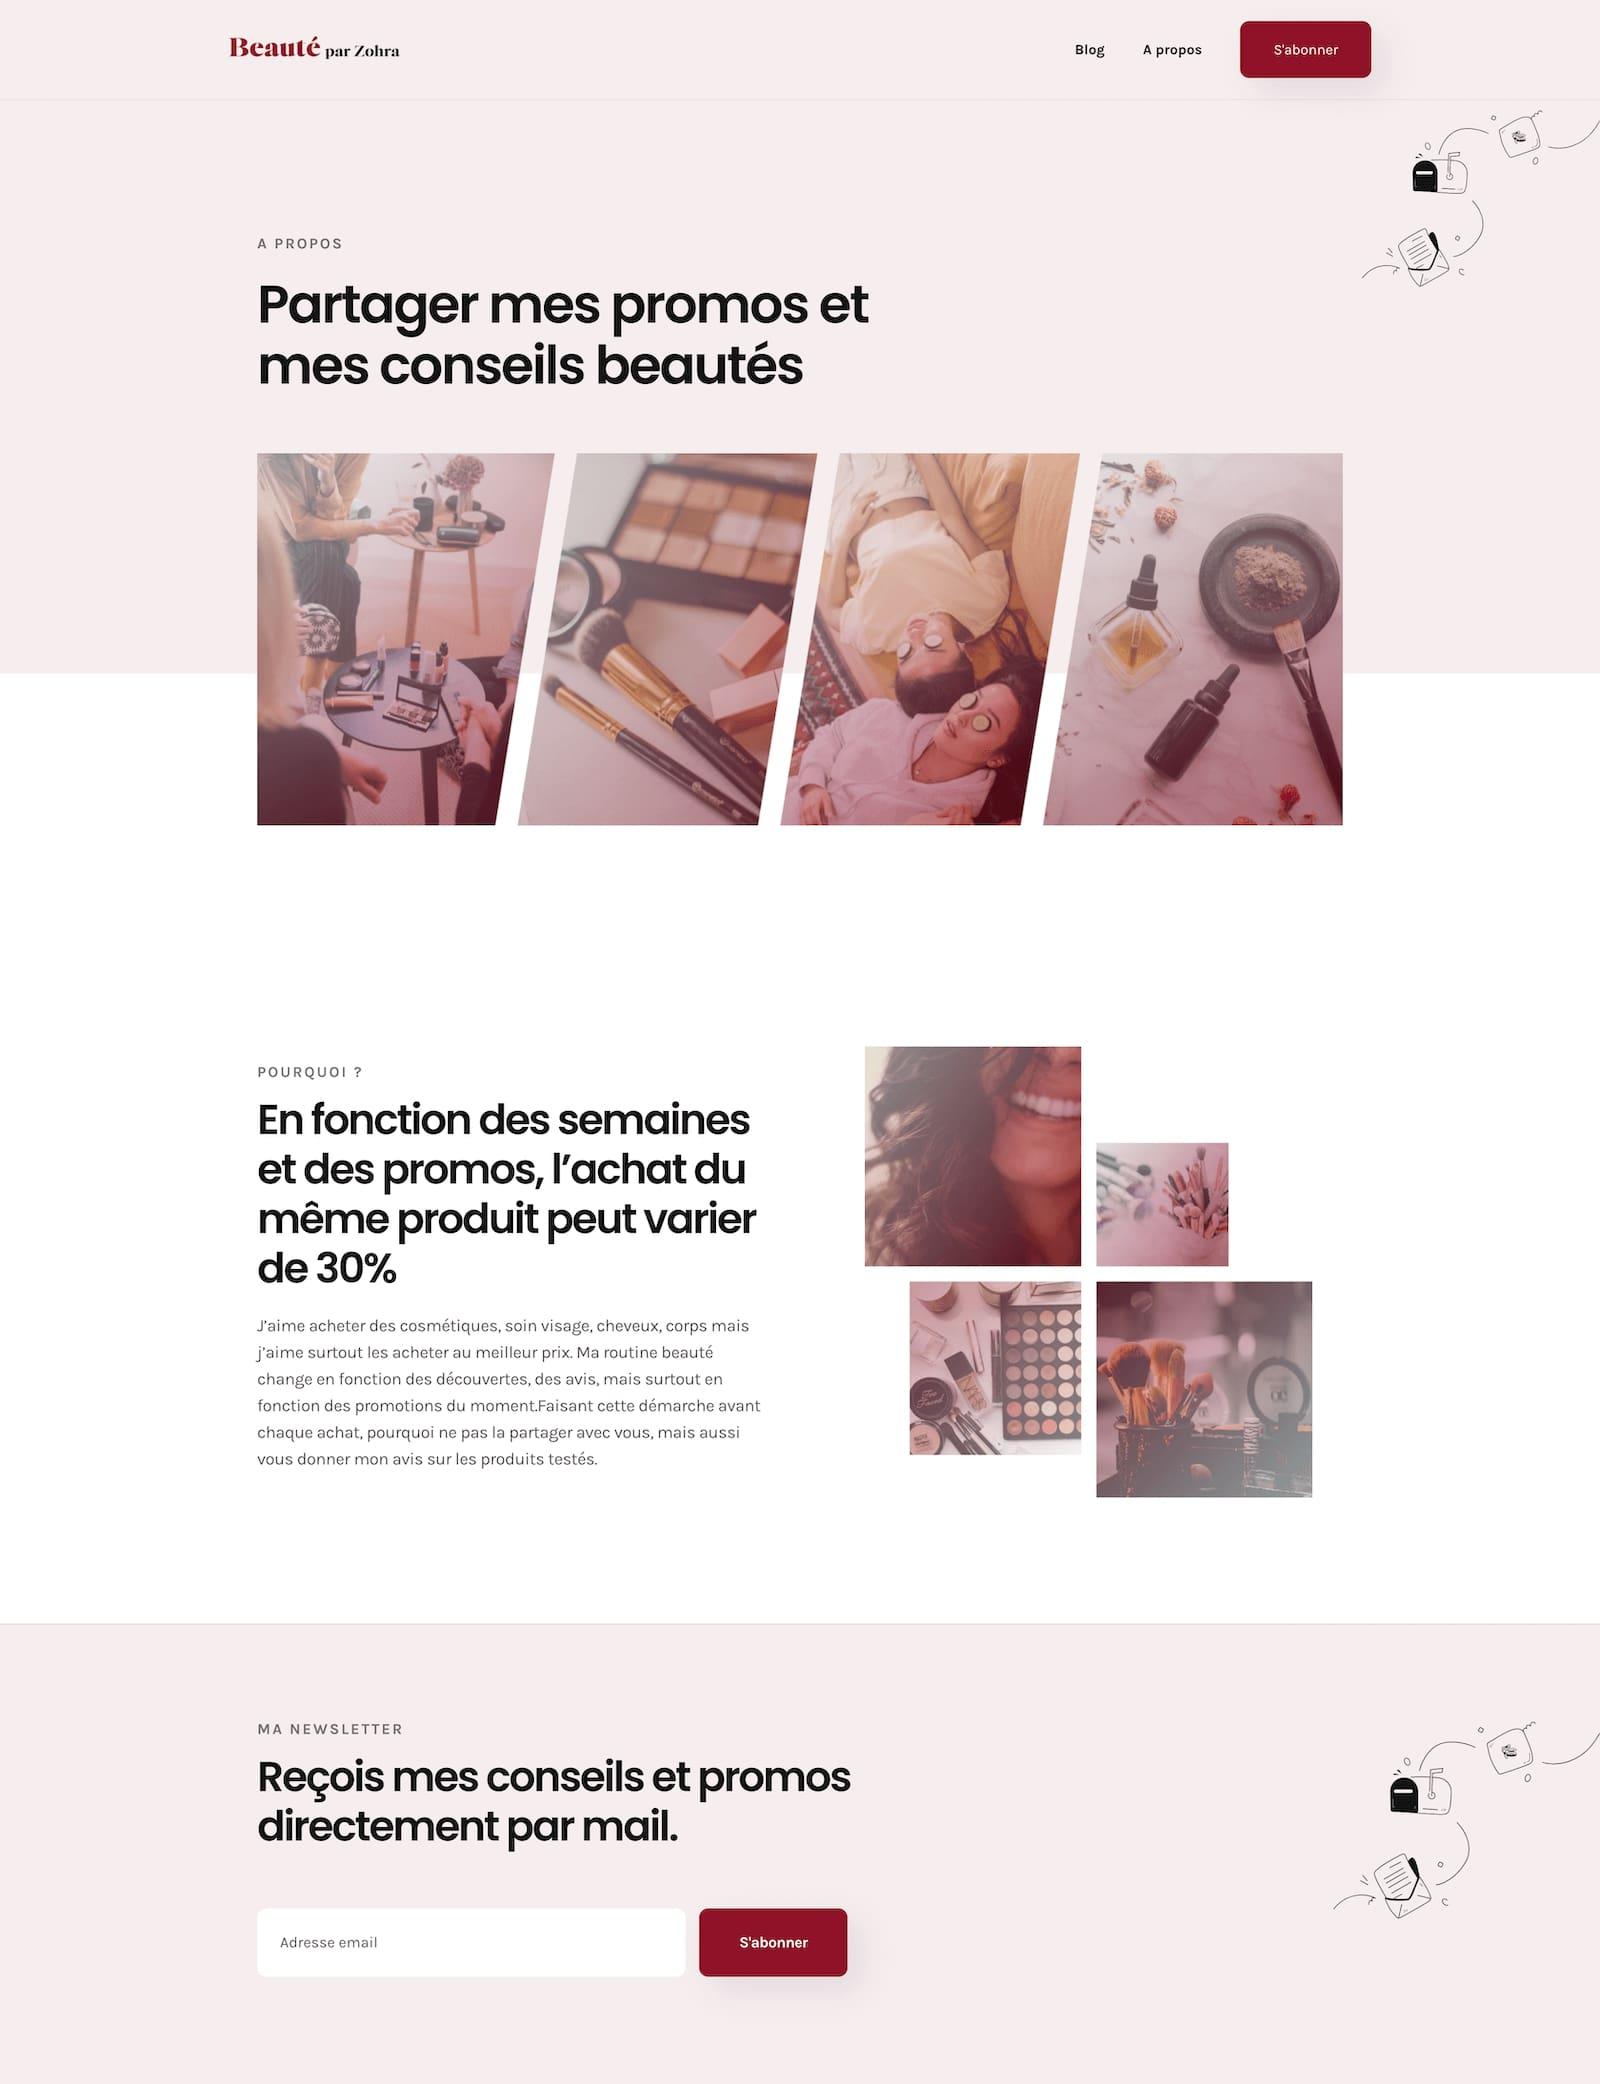 Photo du site web Beauté par Zohra